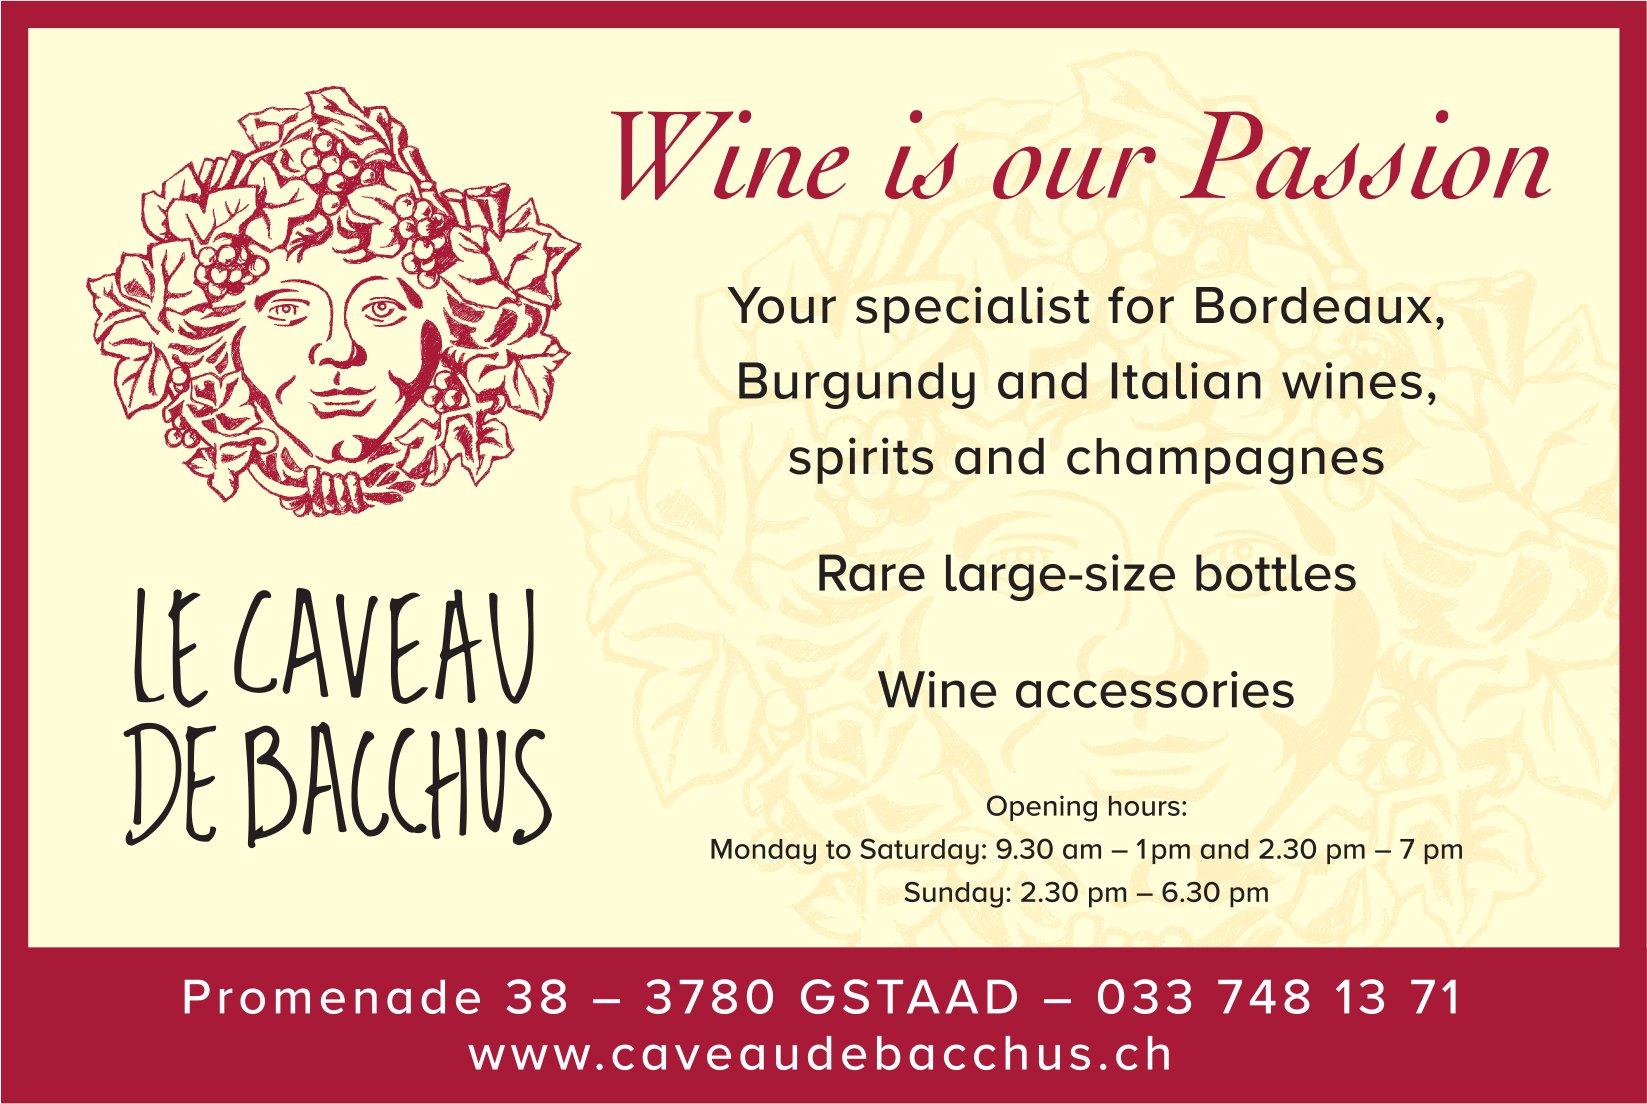 Wine is our Passion, Le Caveau de Bacchus